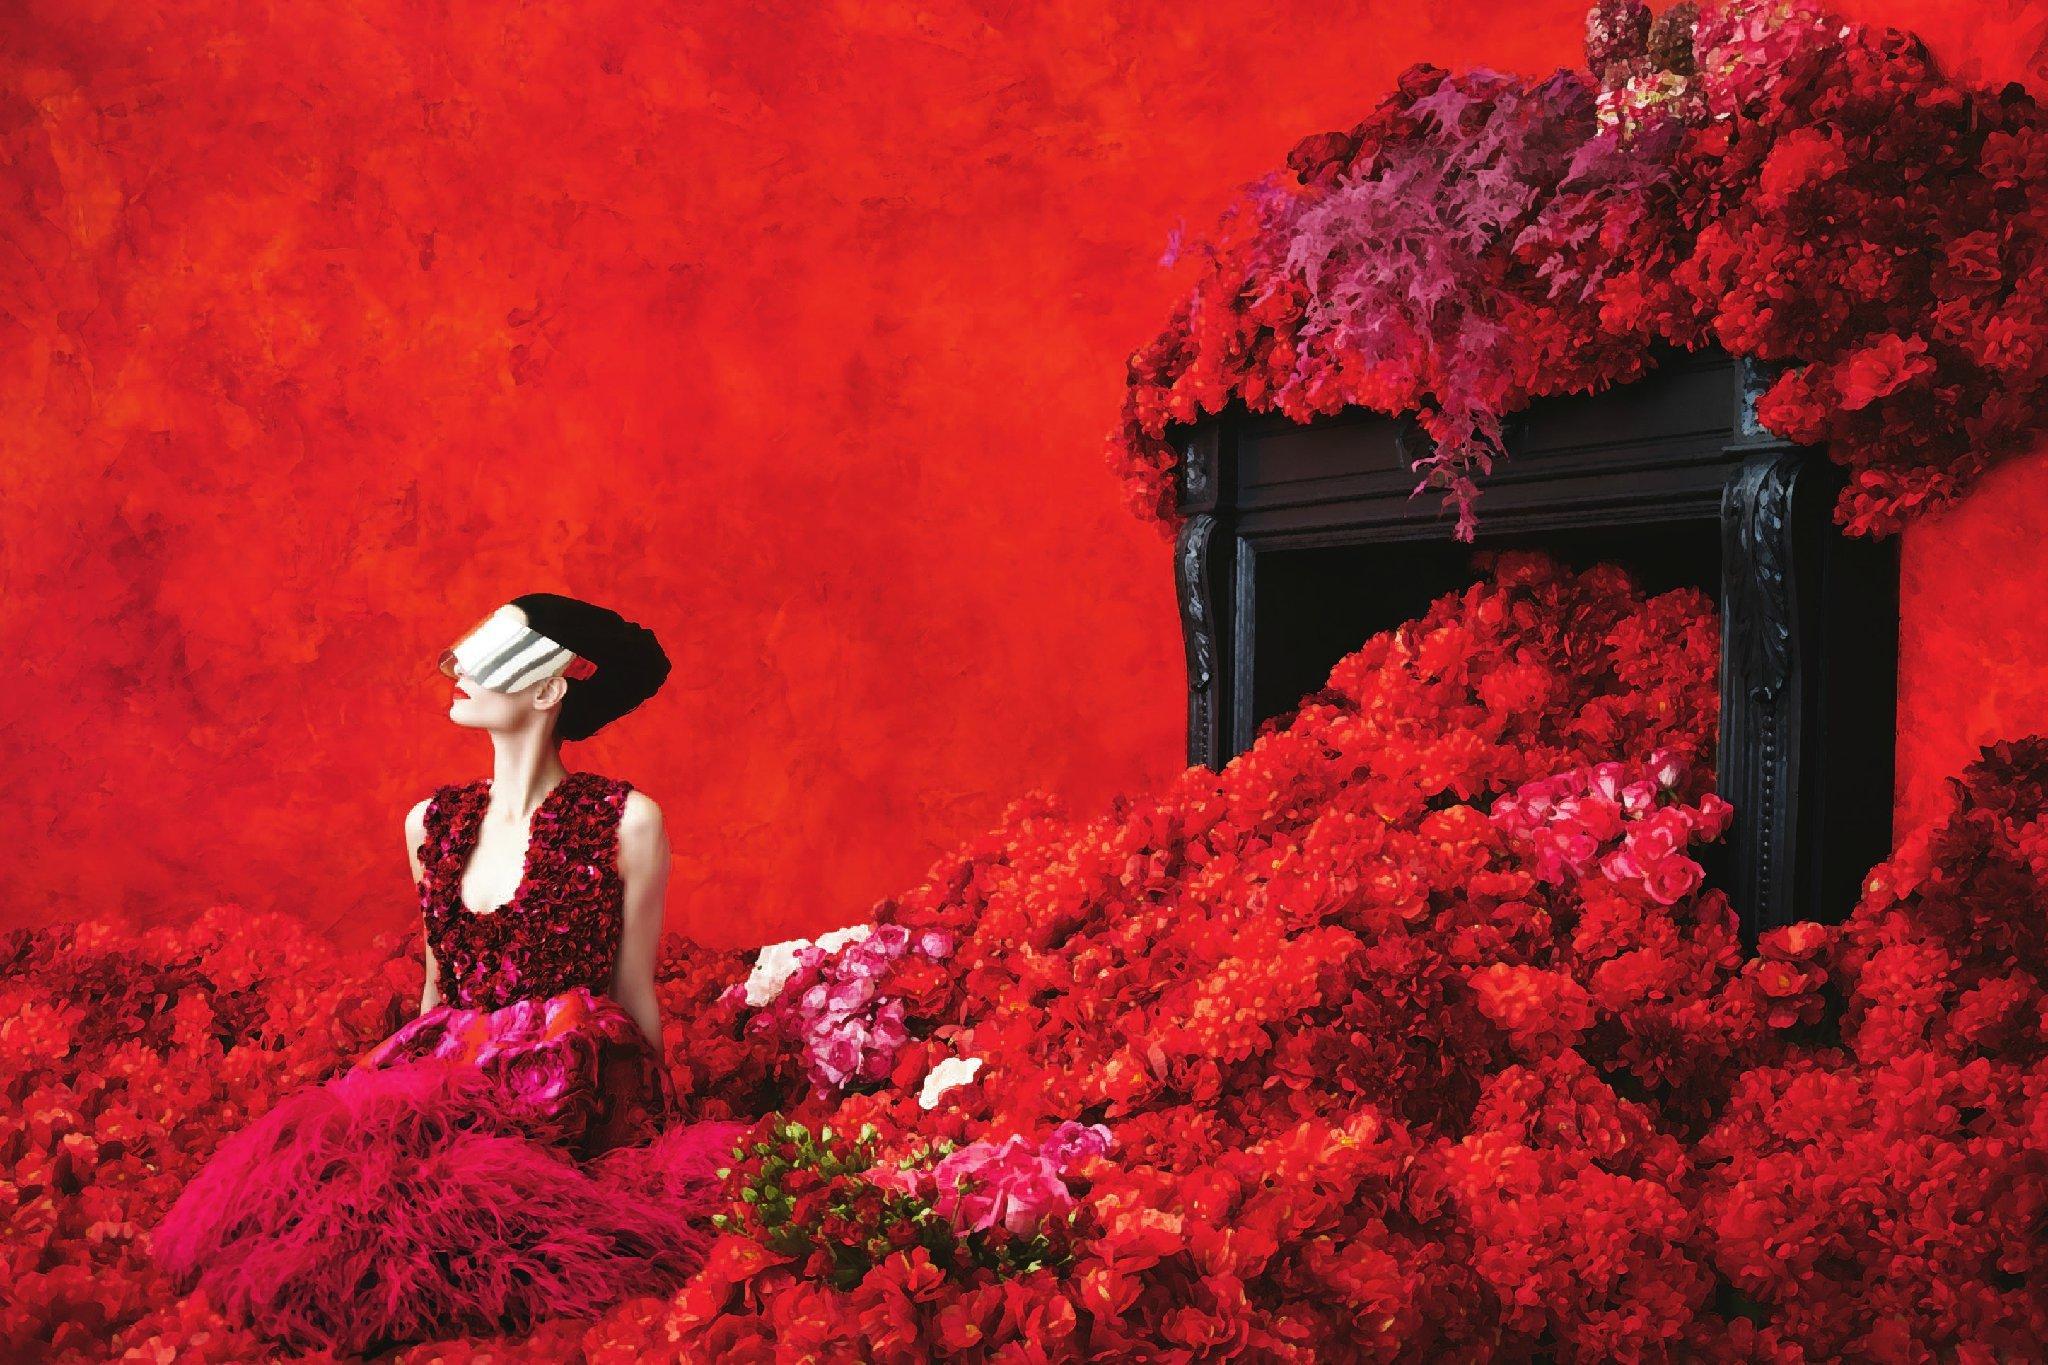 Зачем фотографии проявляют в красном цвете